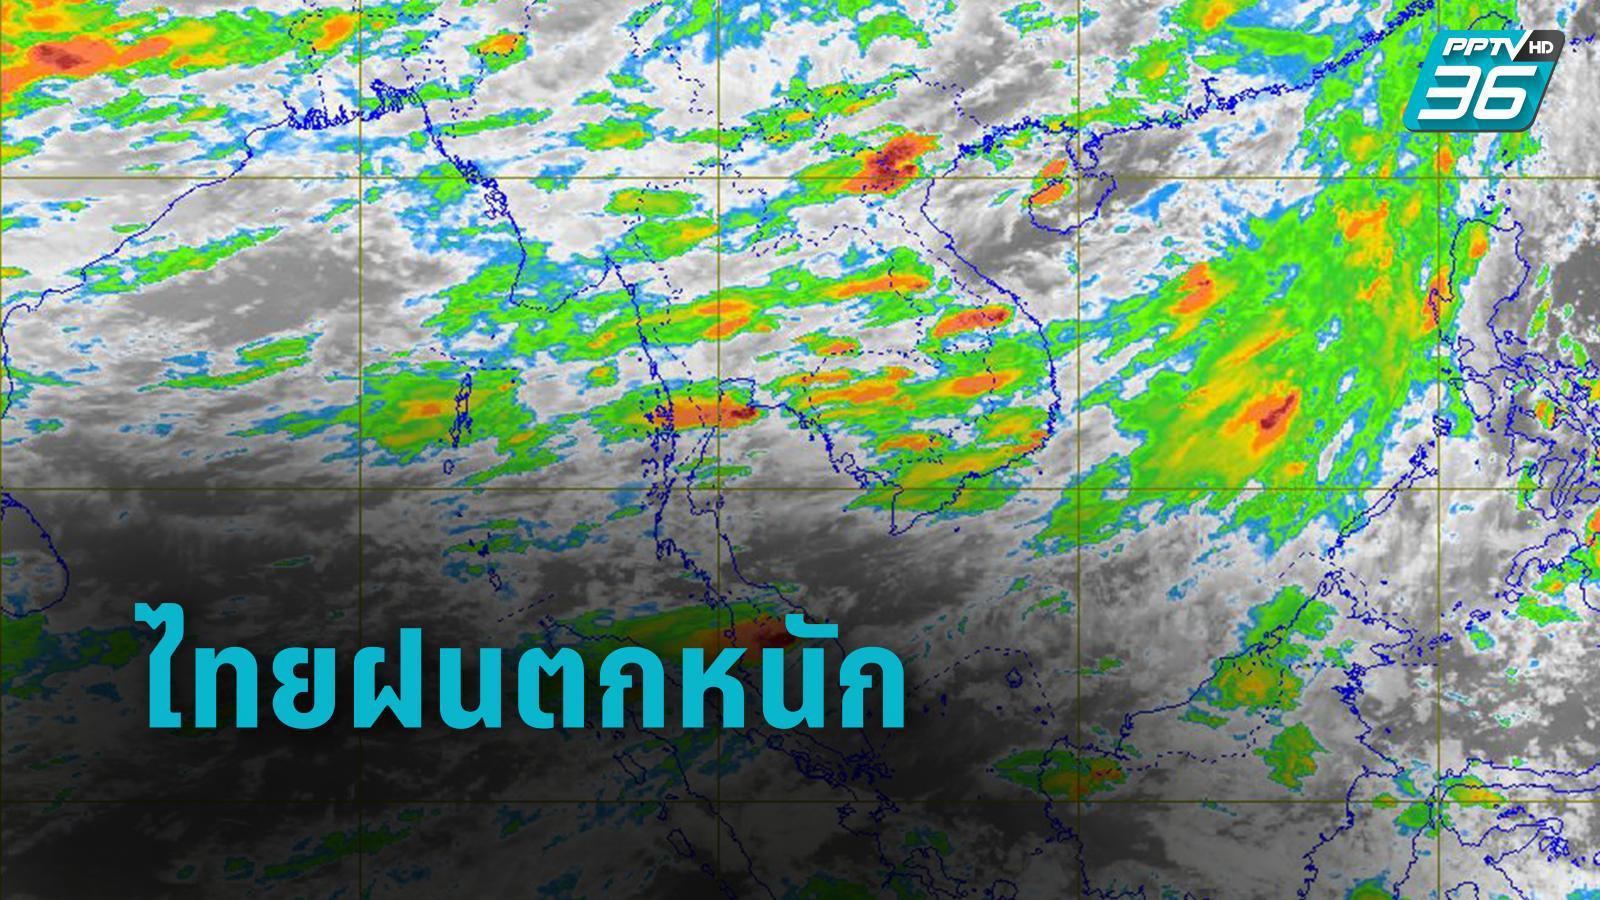 พยากรณ์อากาศวันนี้ กรมอุตุฯ เตือน ไทยมีฝนตกหนัก คลื่นสูง 2 ม.